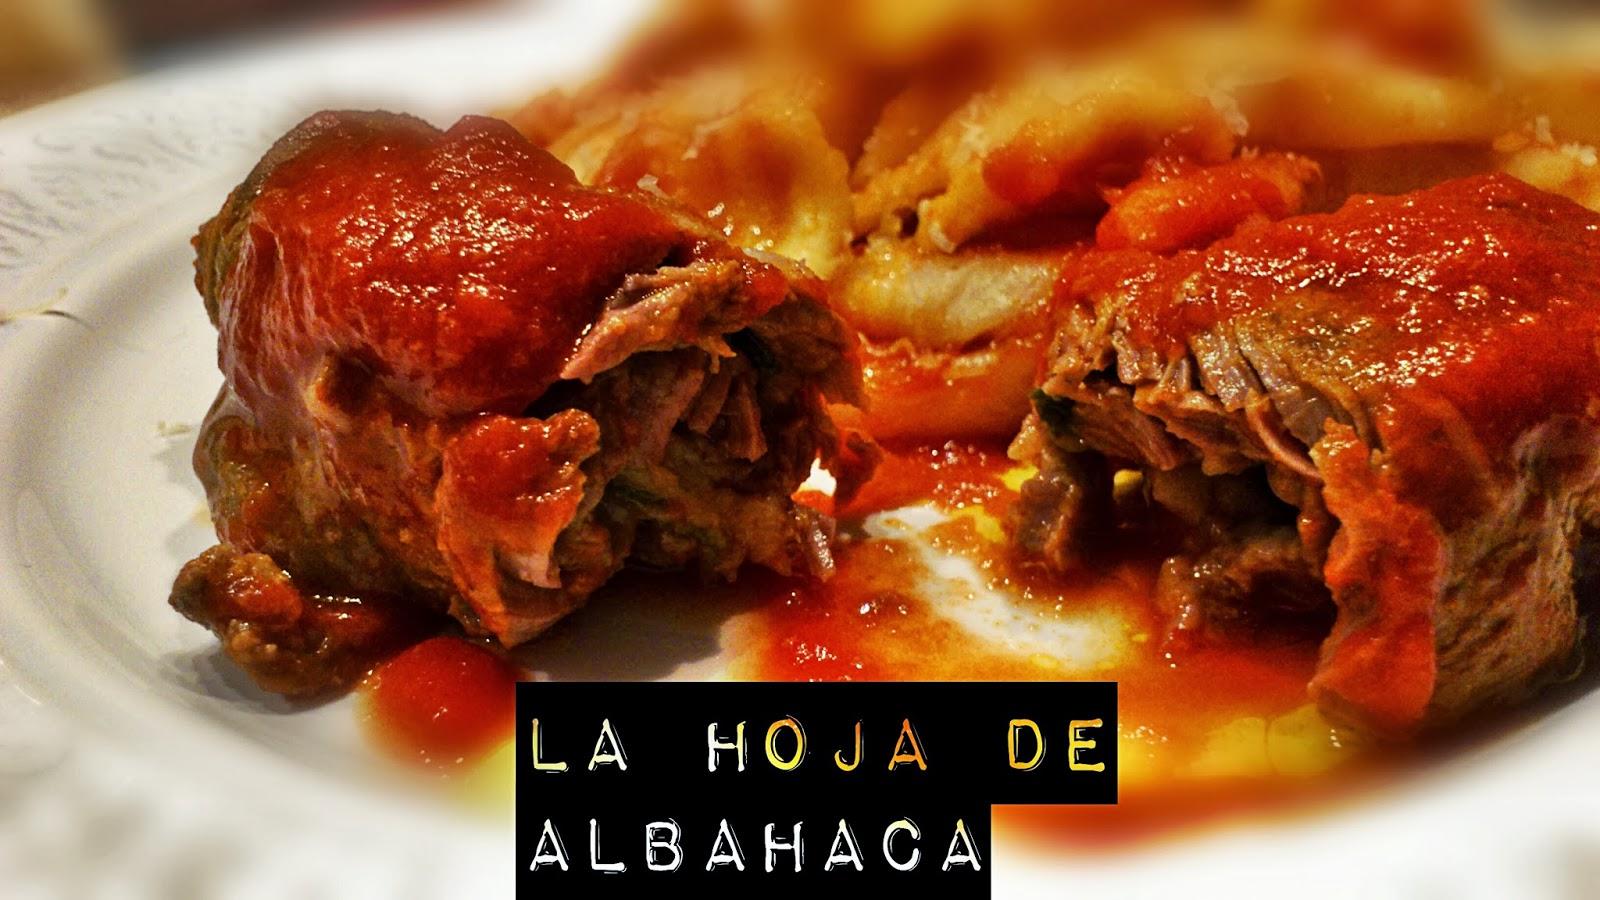 pasta fresca, trigo duro, orecchiette, carne de potro, salsa de tomate